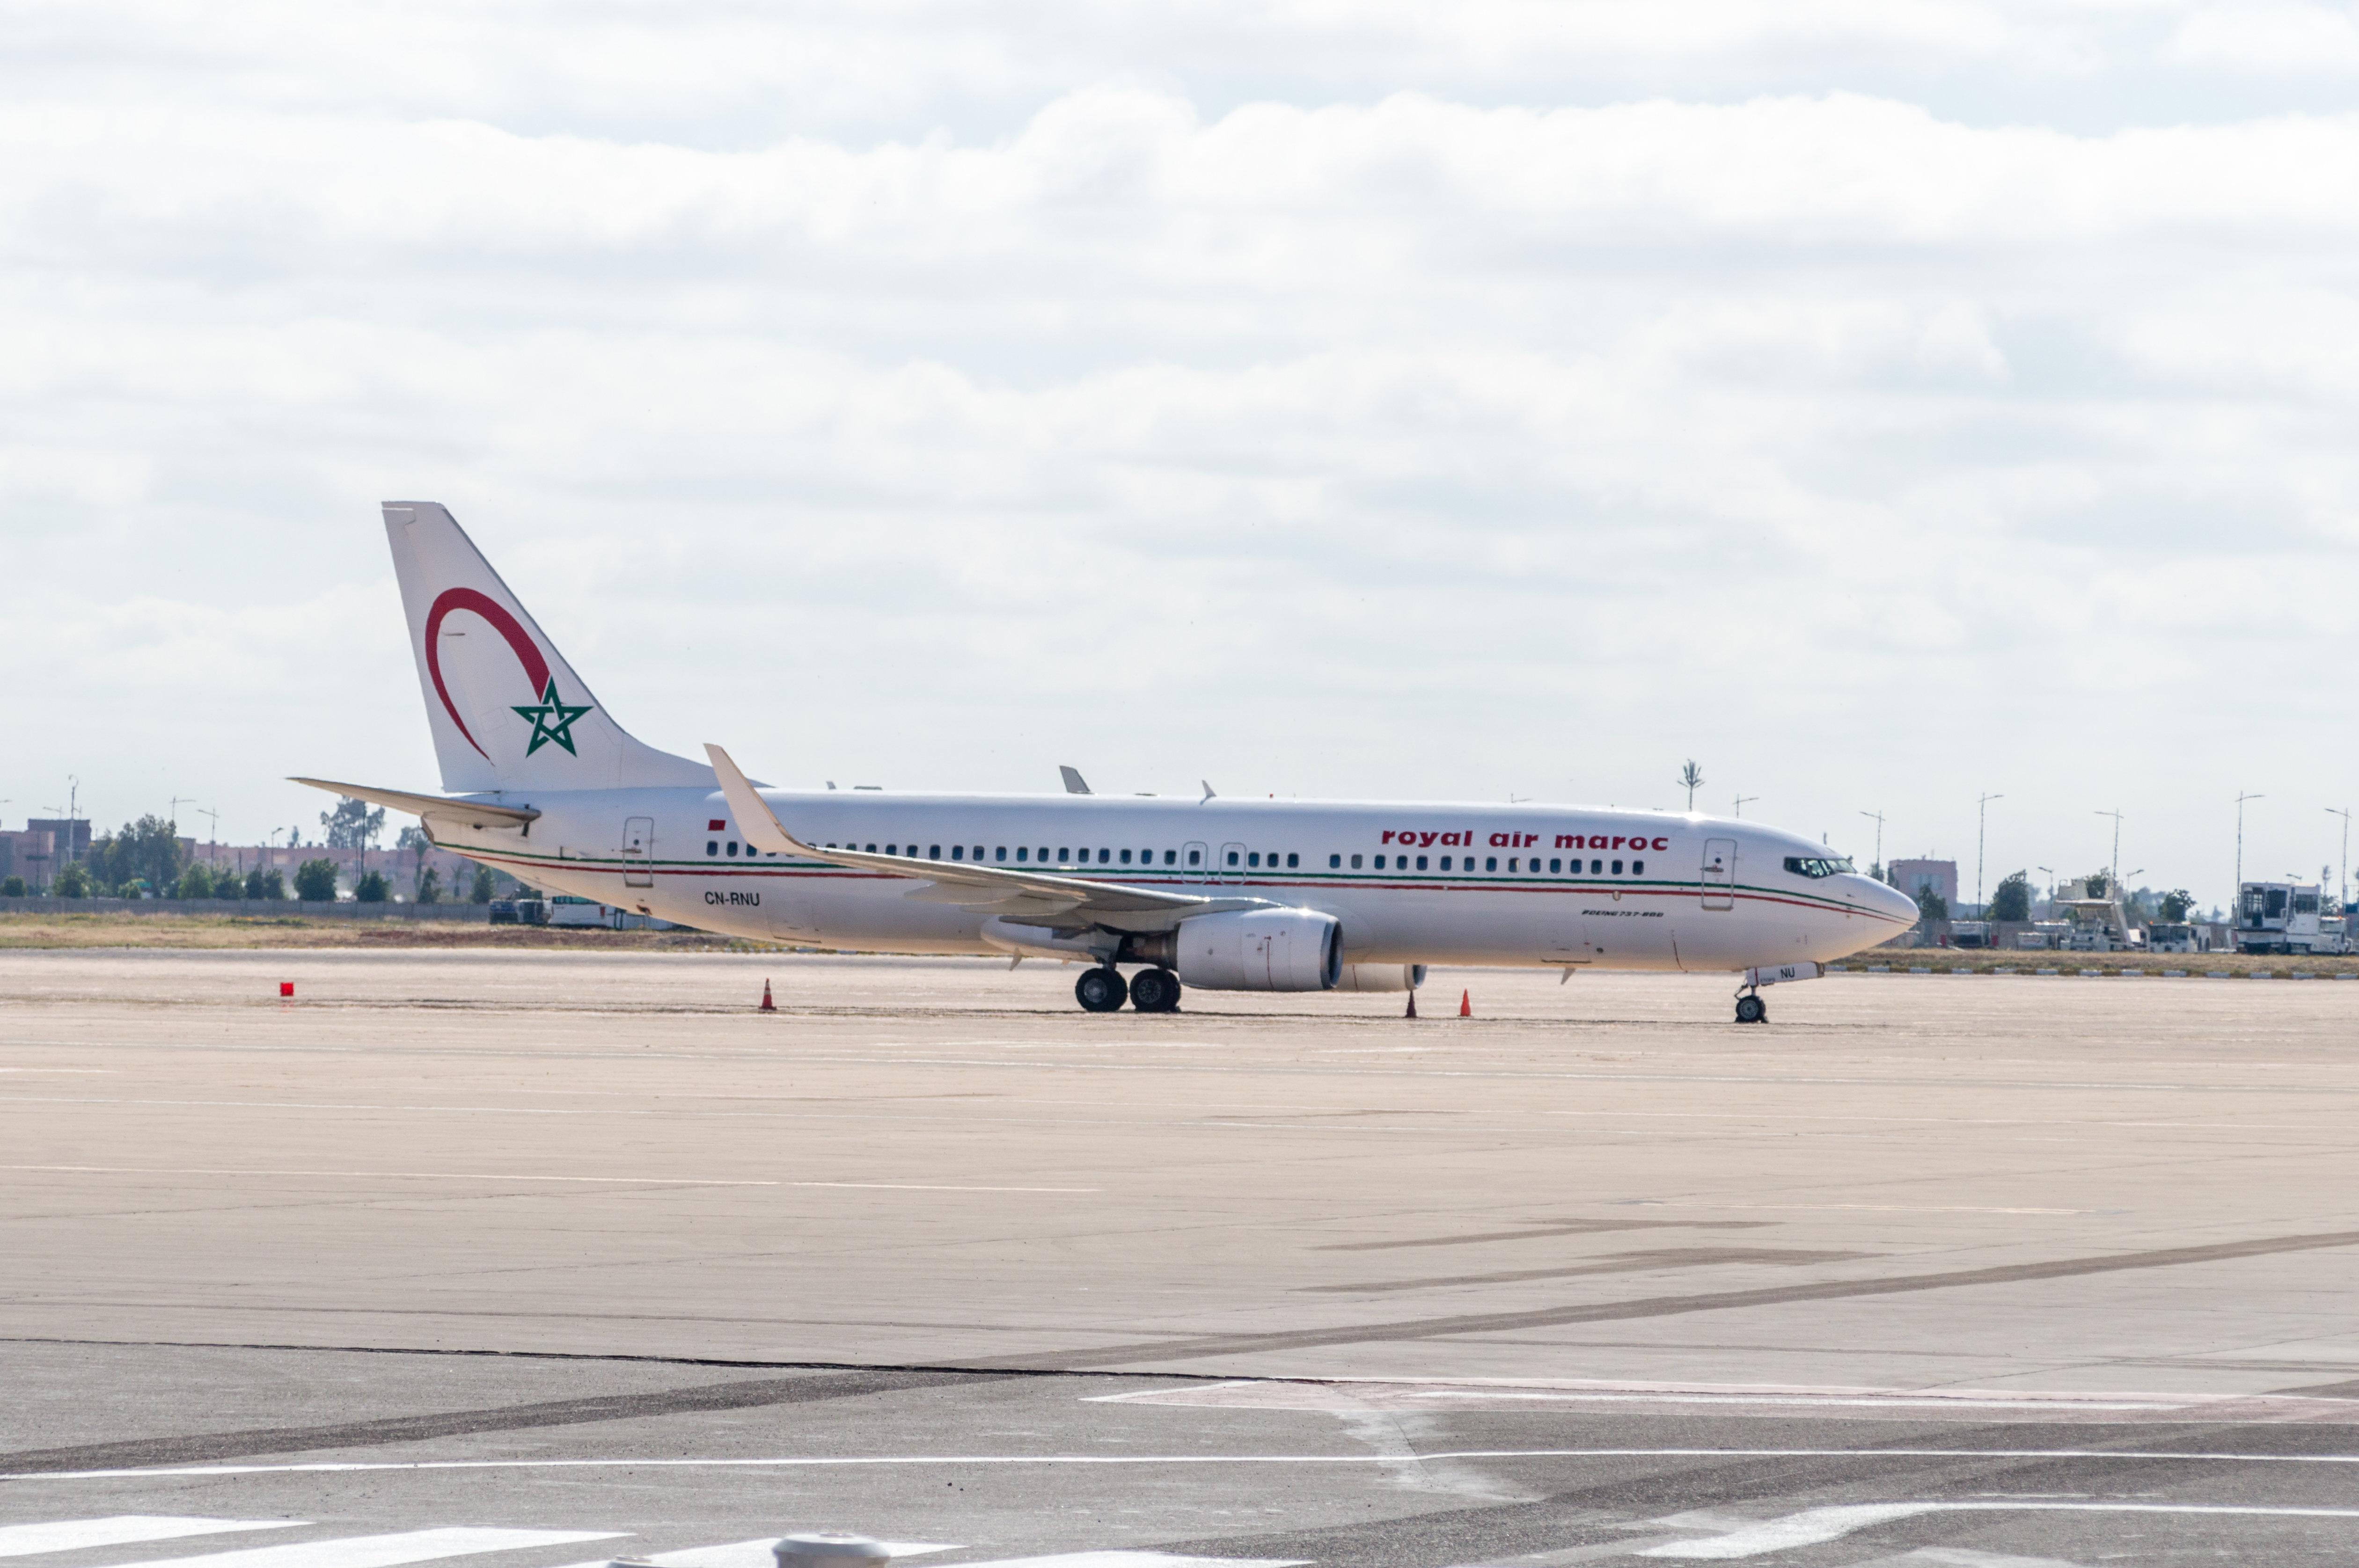 Boeing signe un accord avec Royal Air Maroc pour améliorer la gestion des